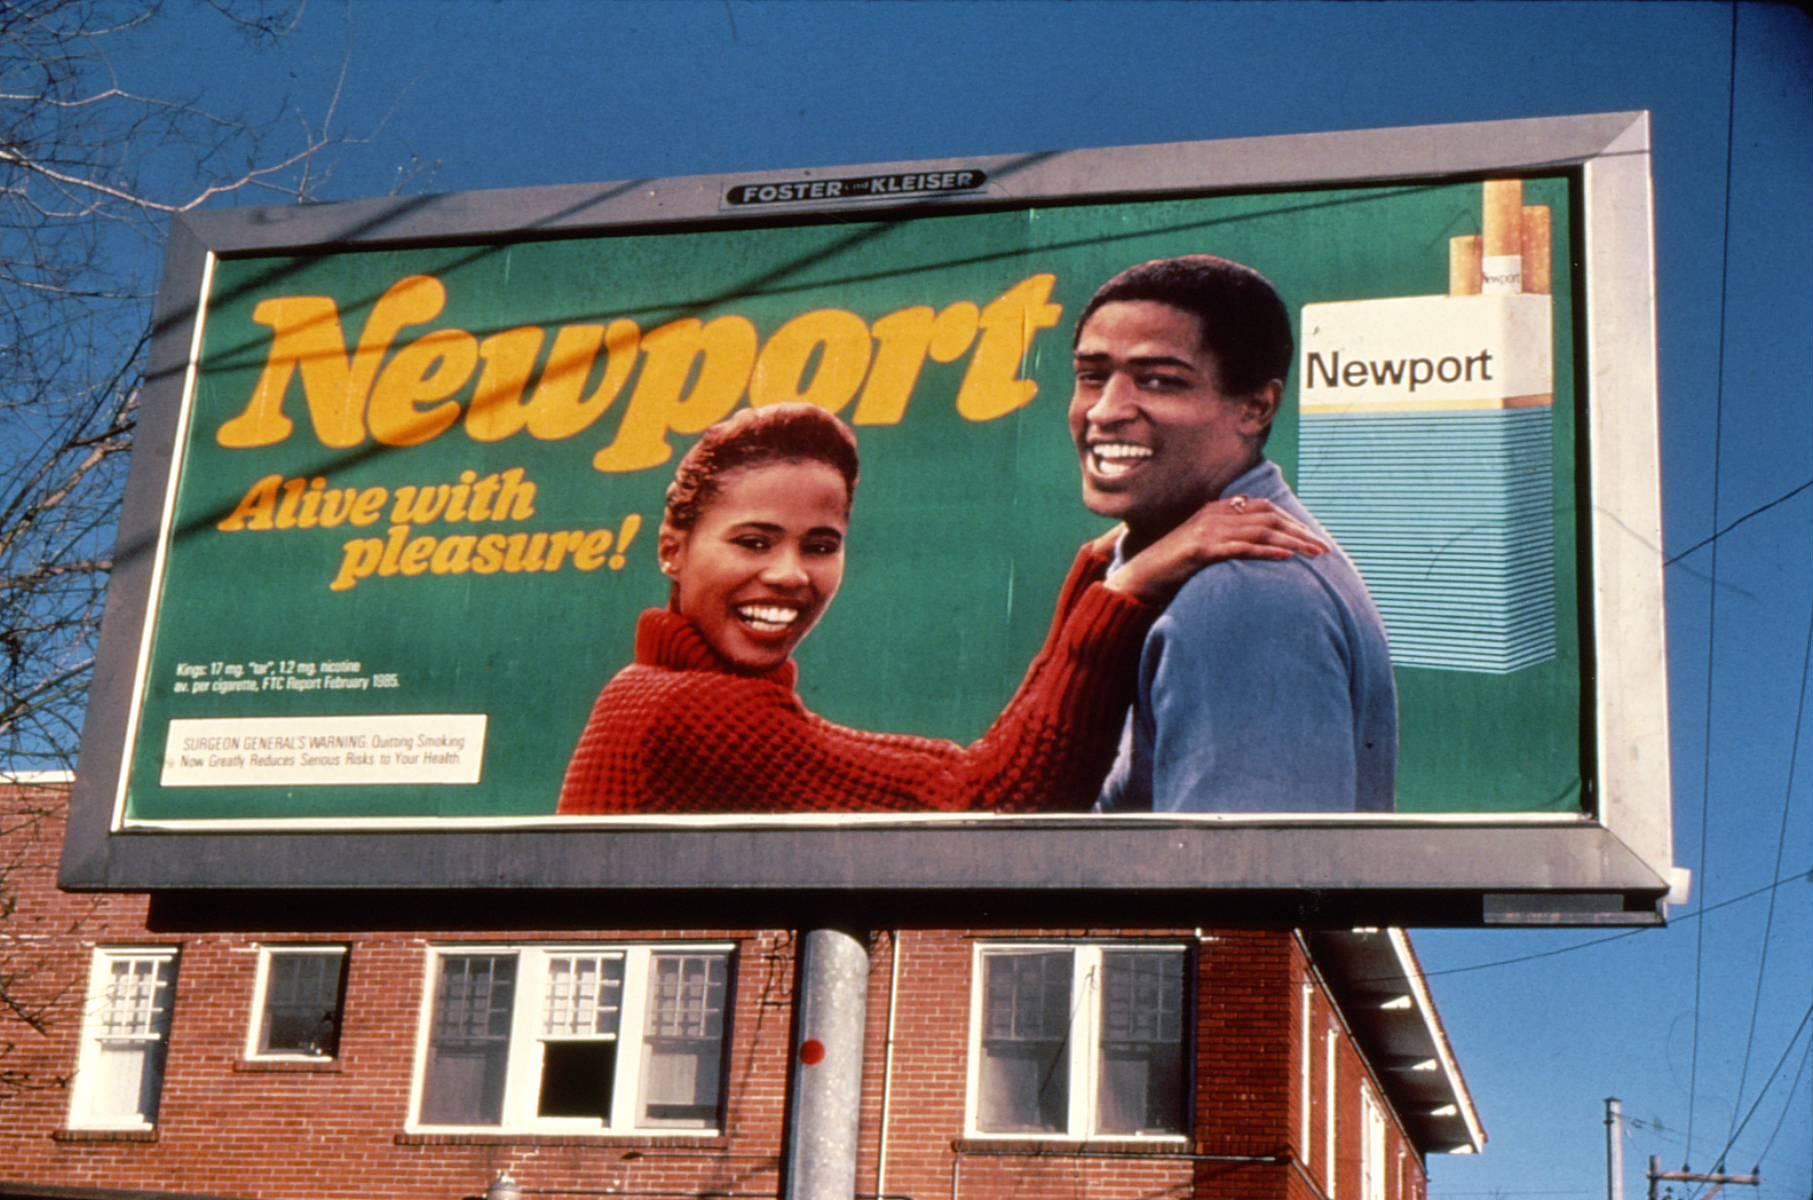 1987 Newport Billboard Alive With Pleasure